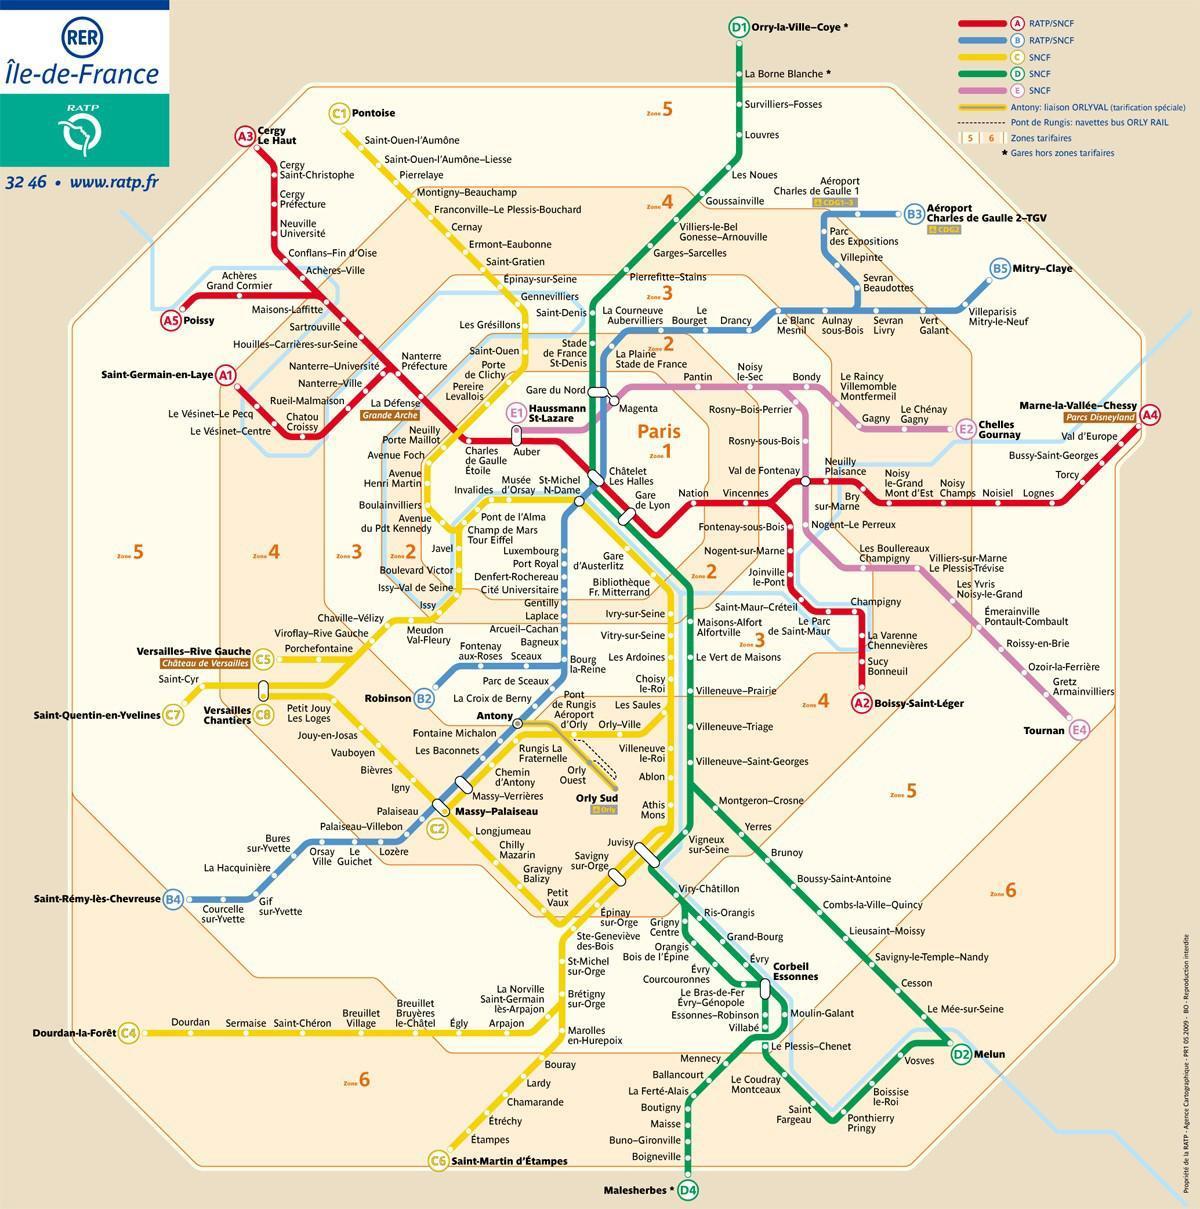 Parizsi Metro Zona Terkep Parizs Zona Terkepen Metro Ile De